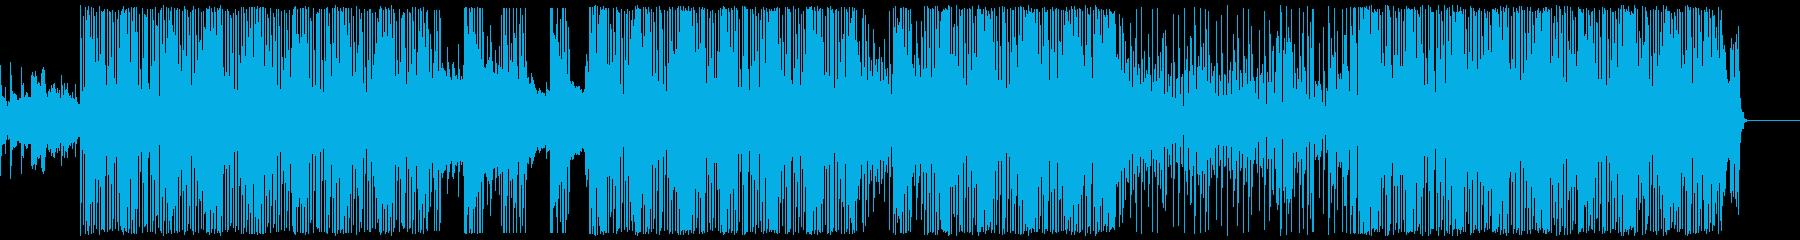 フワッと軽やかなエレクトロポップの再生済みの波形